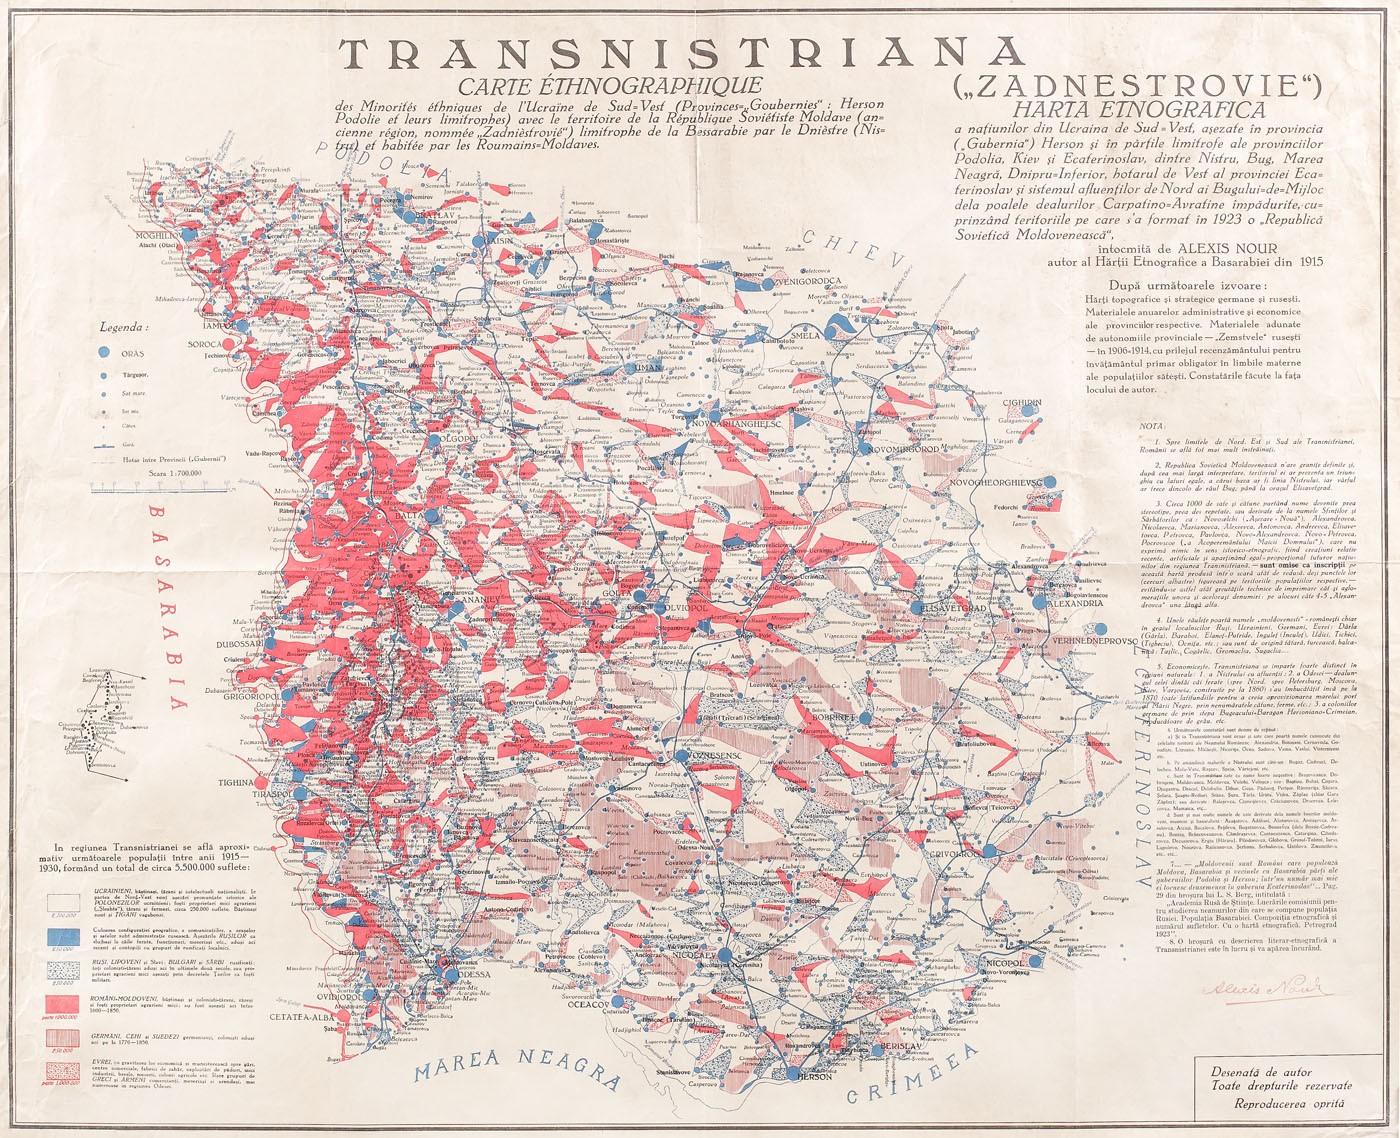 19231.jpg